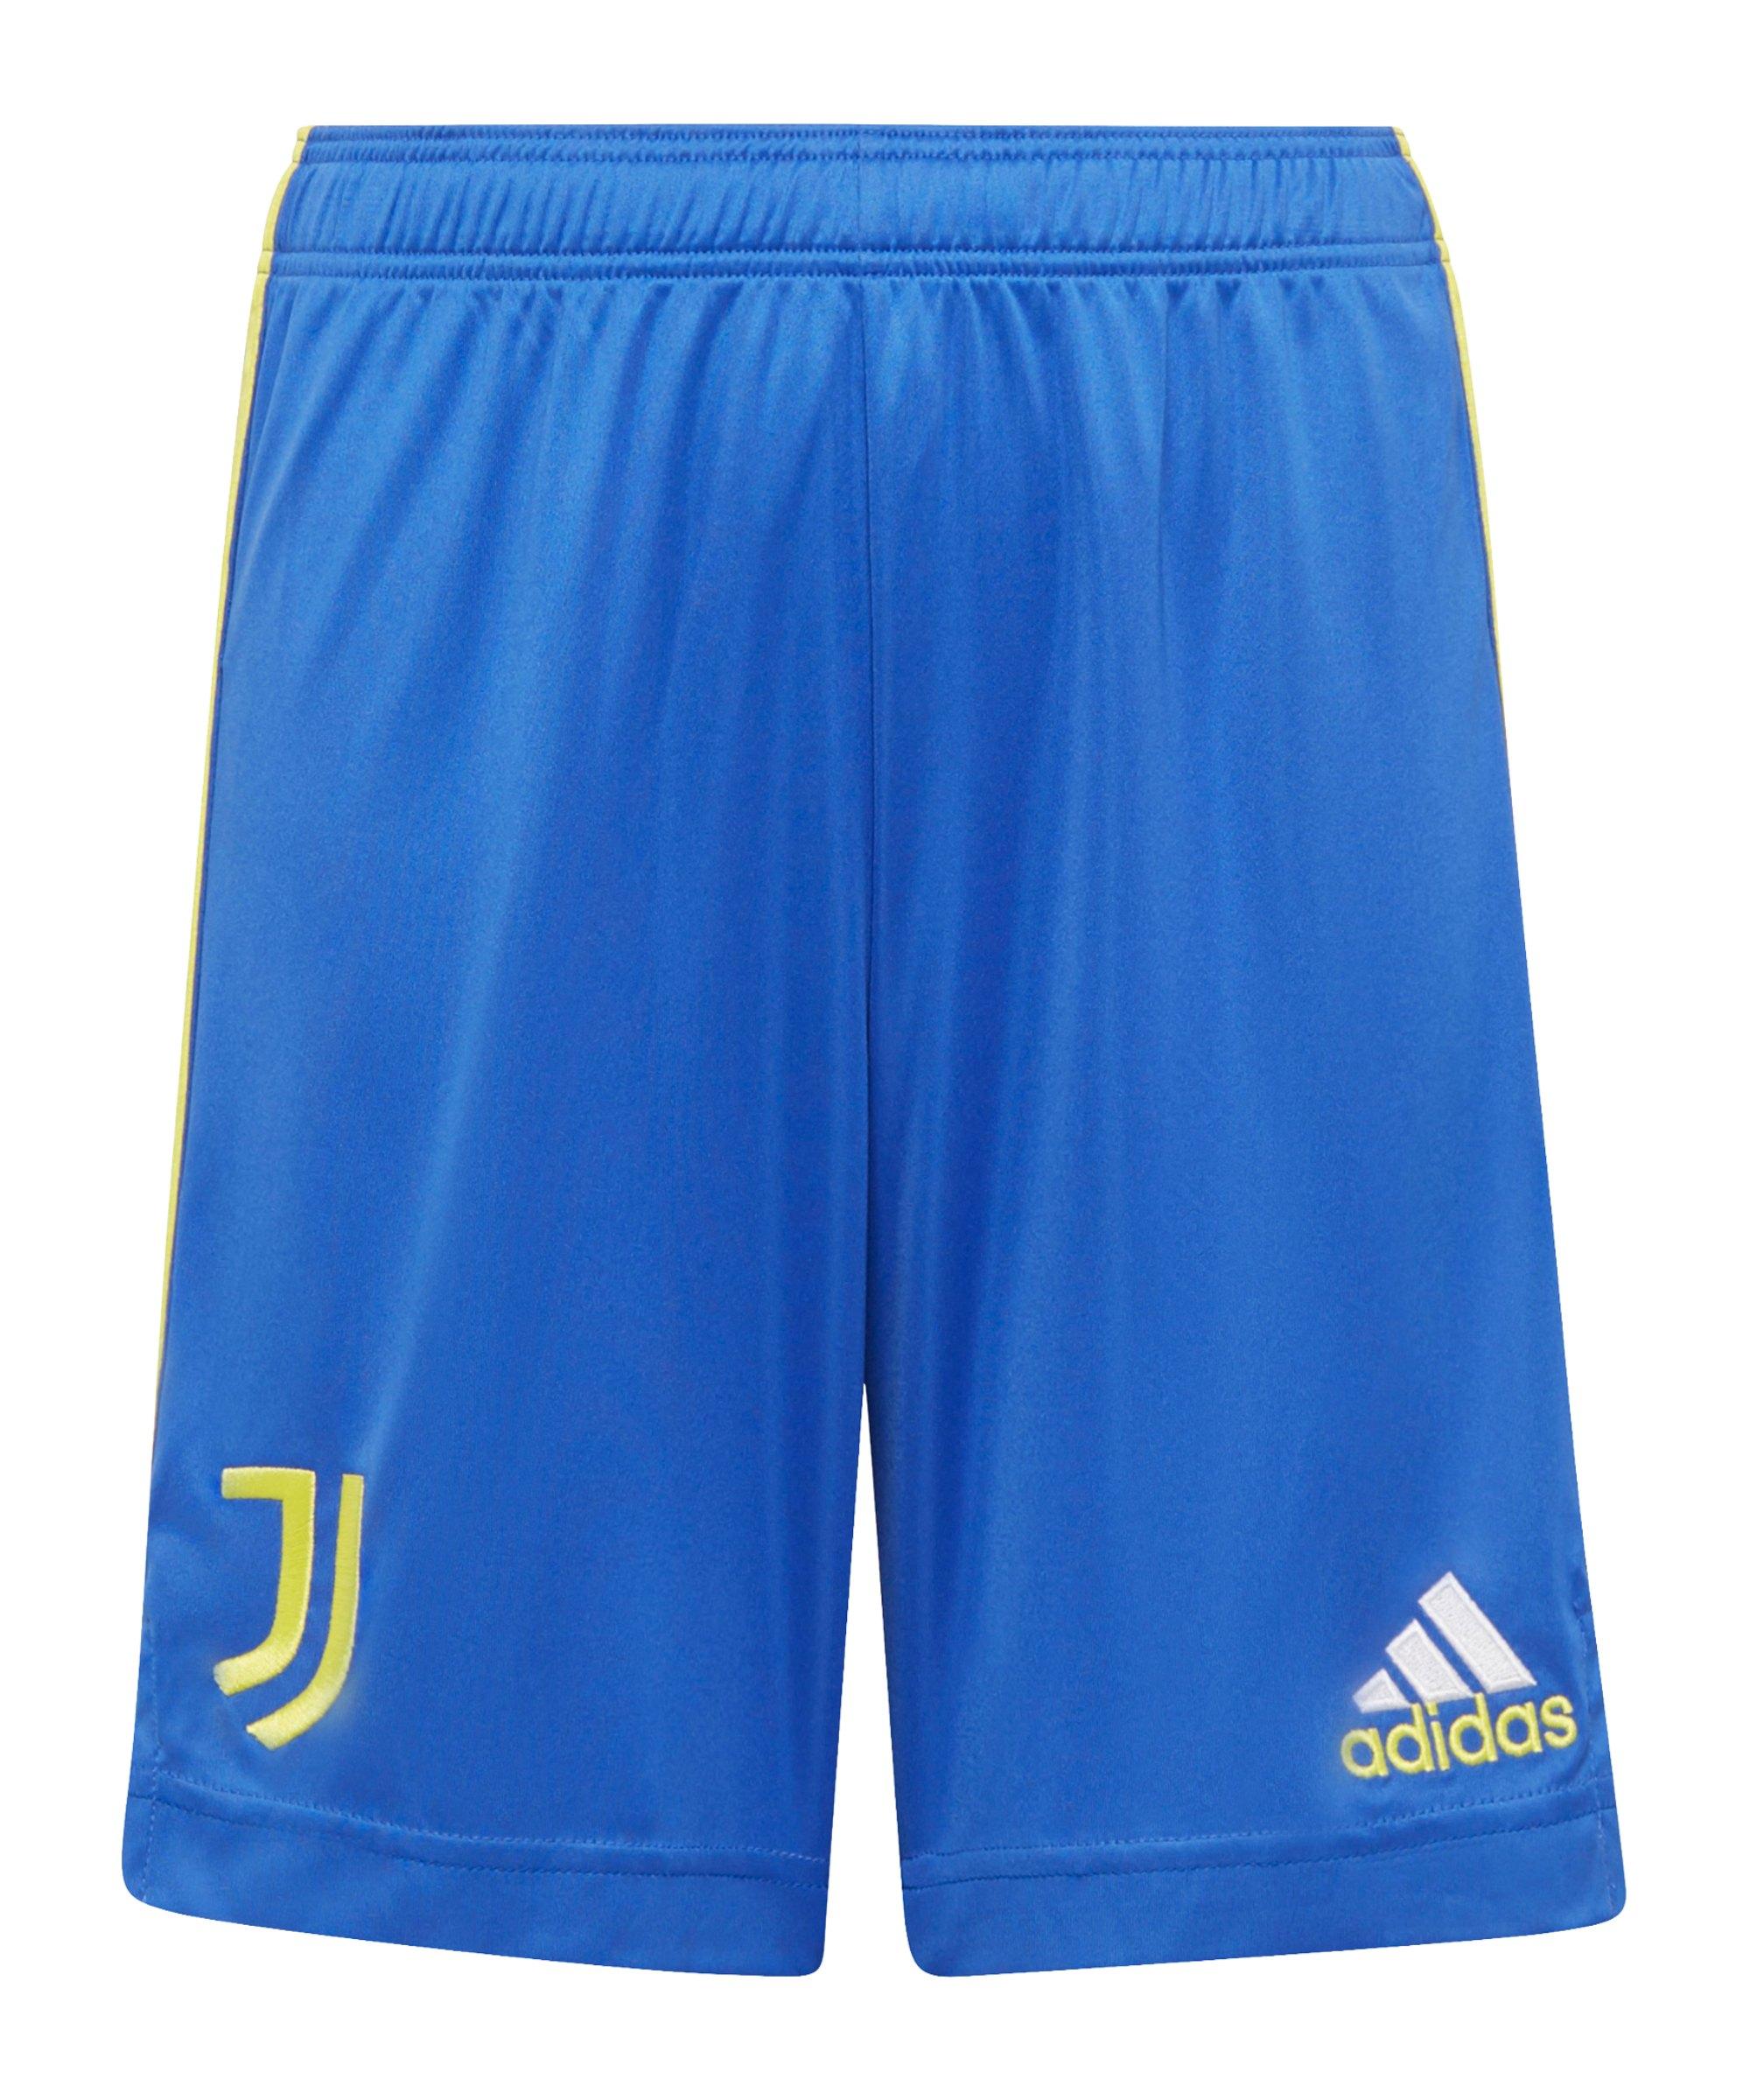 adidas Juventus Turin Short UCL 2021/2022 Kids Blau - blau